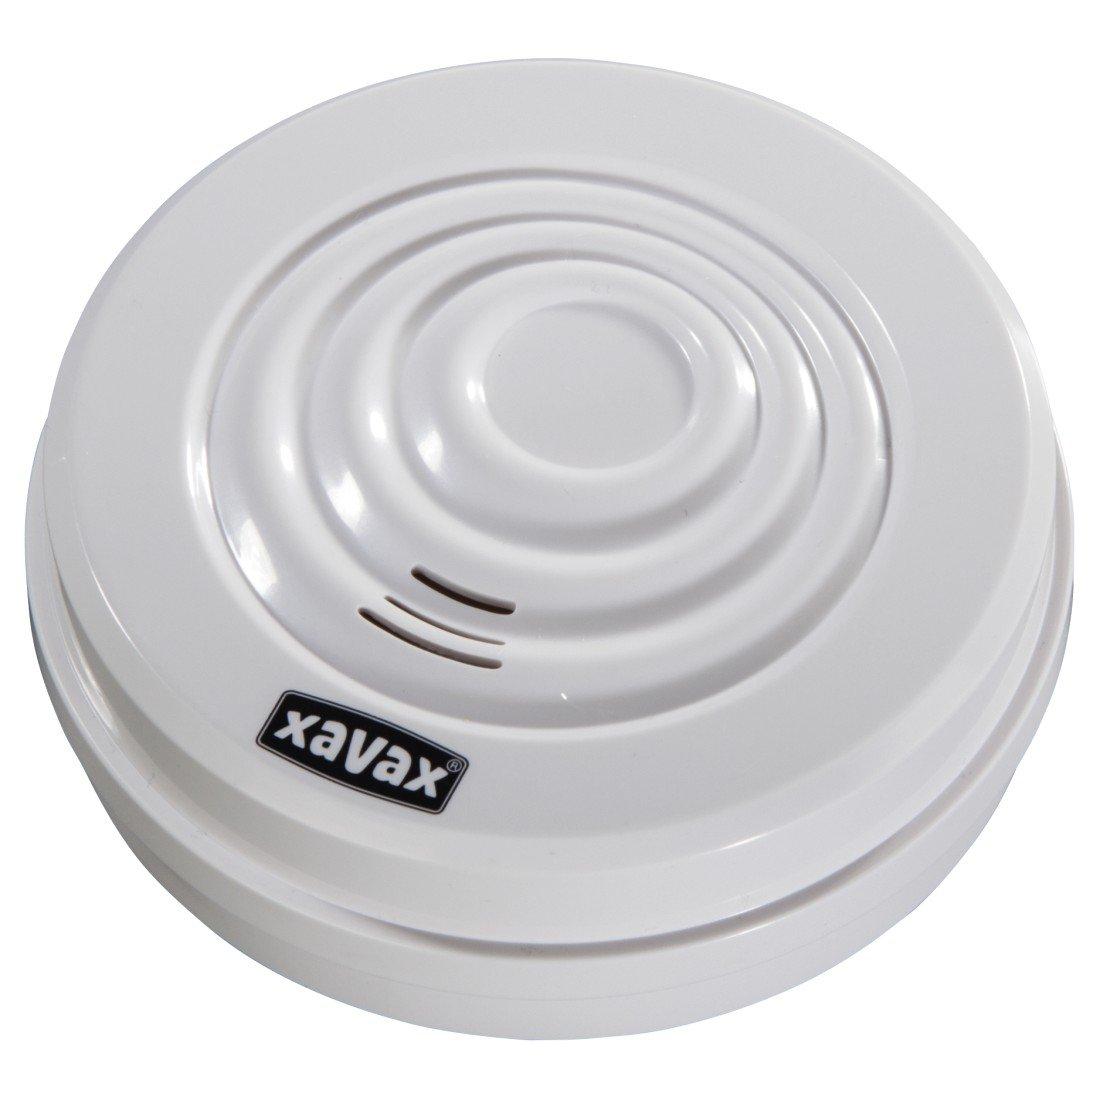 Xavax Wassermelder zum Schutz vor Überschwemmungen oder Wasserschäden, Alarmanlage für Bad, Keller, Heizraum etc., extra lautes Alarmsignal (95 dB) weiß Hama 00176504